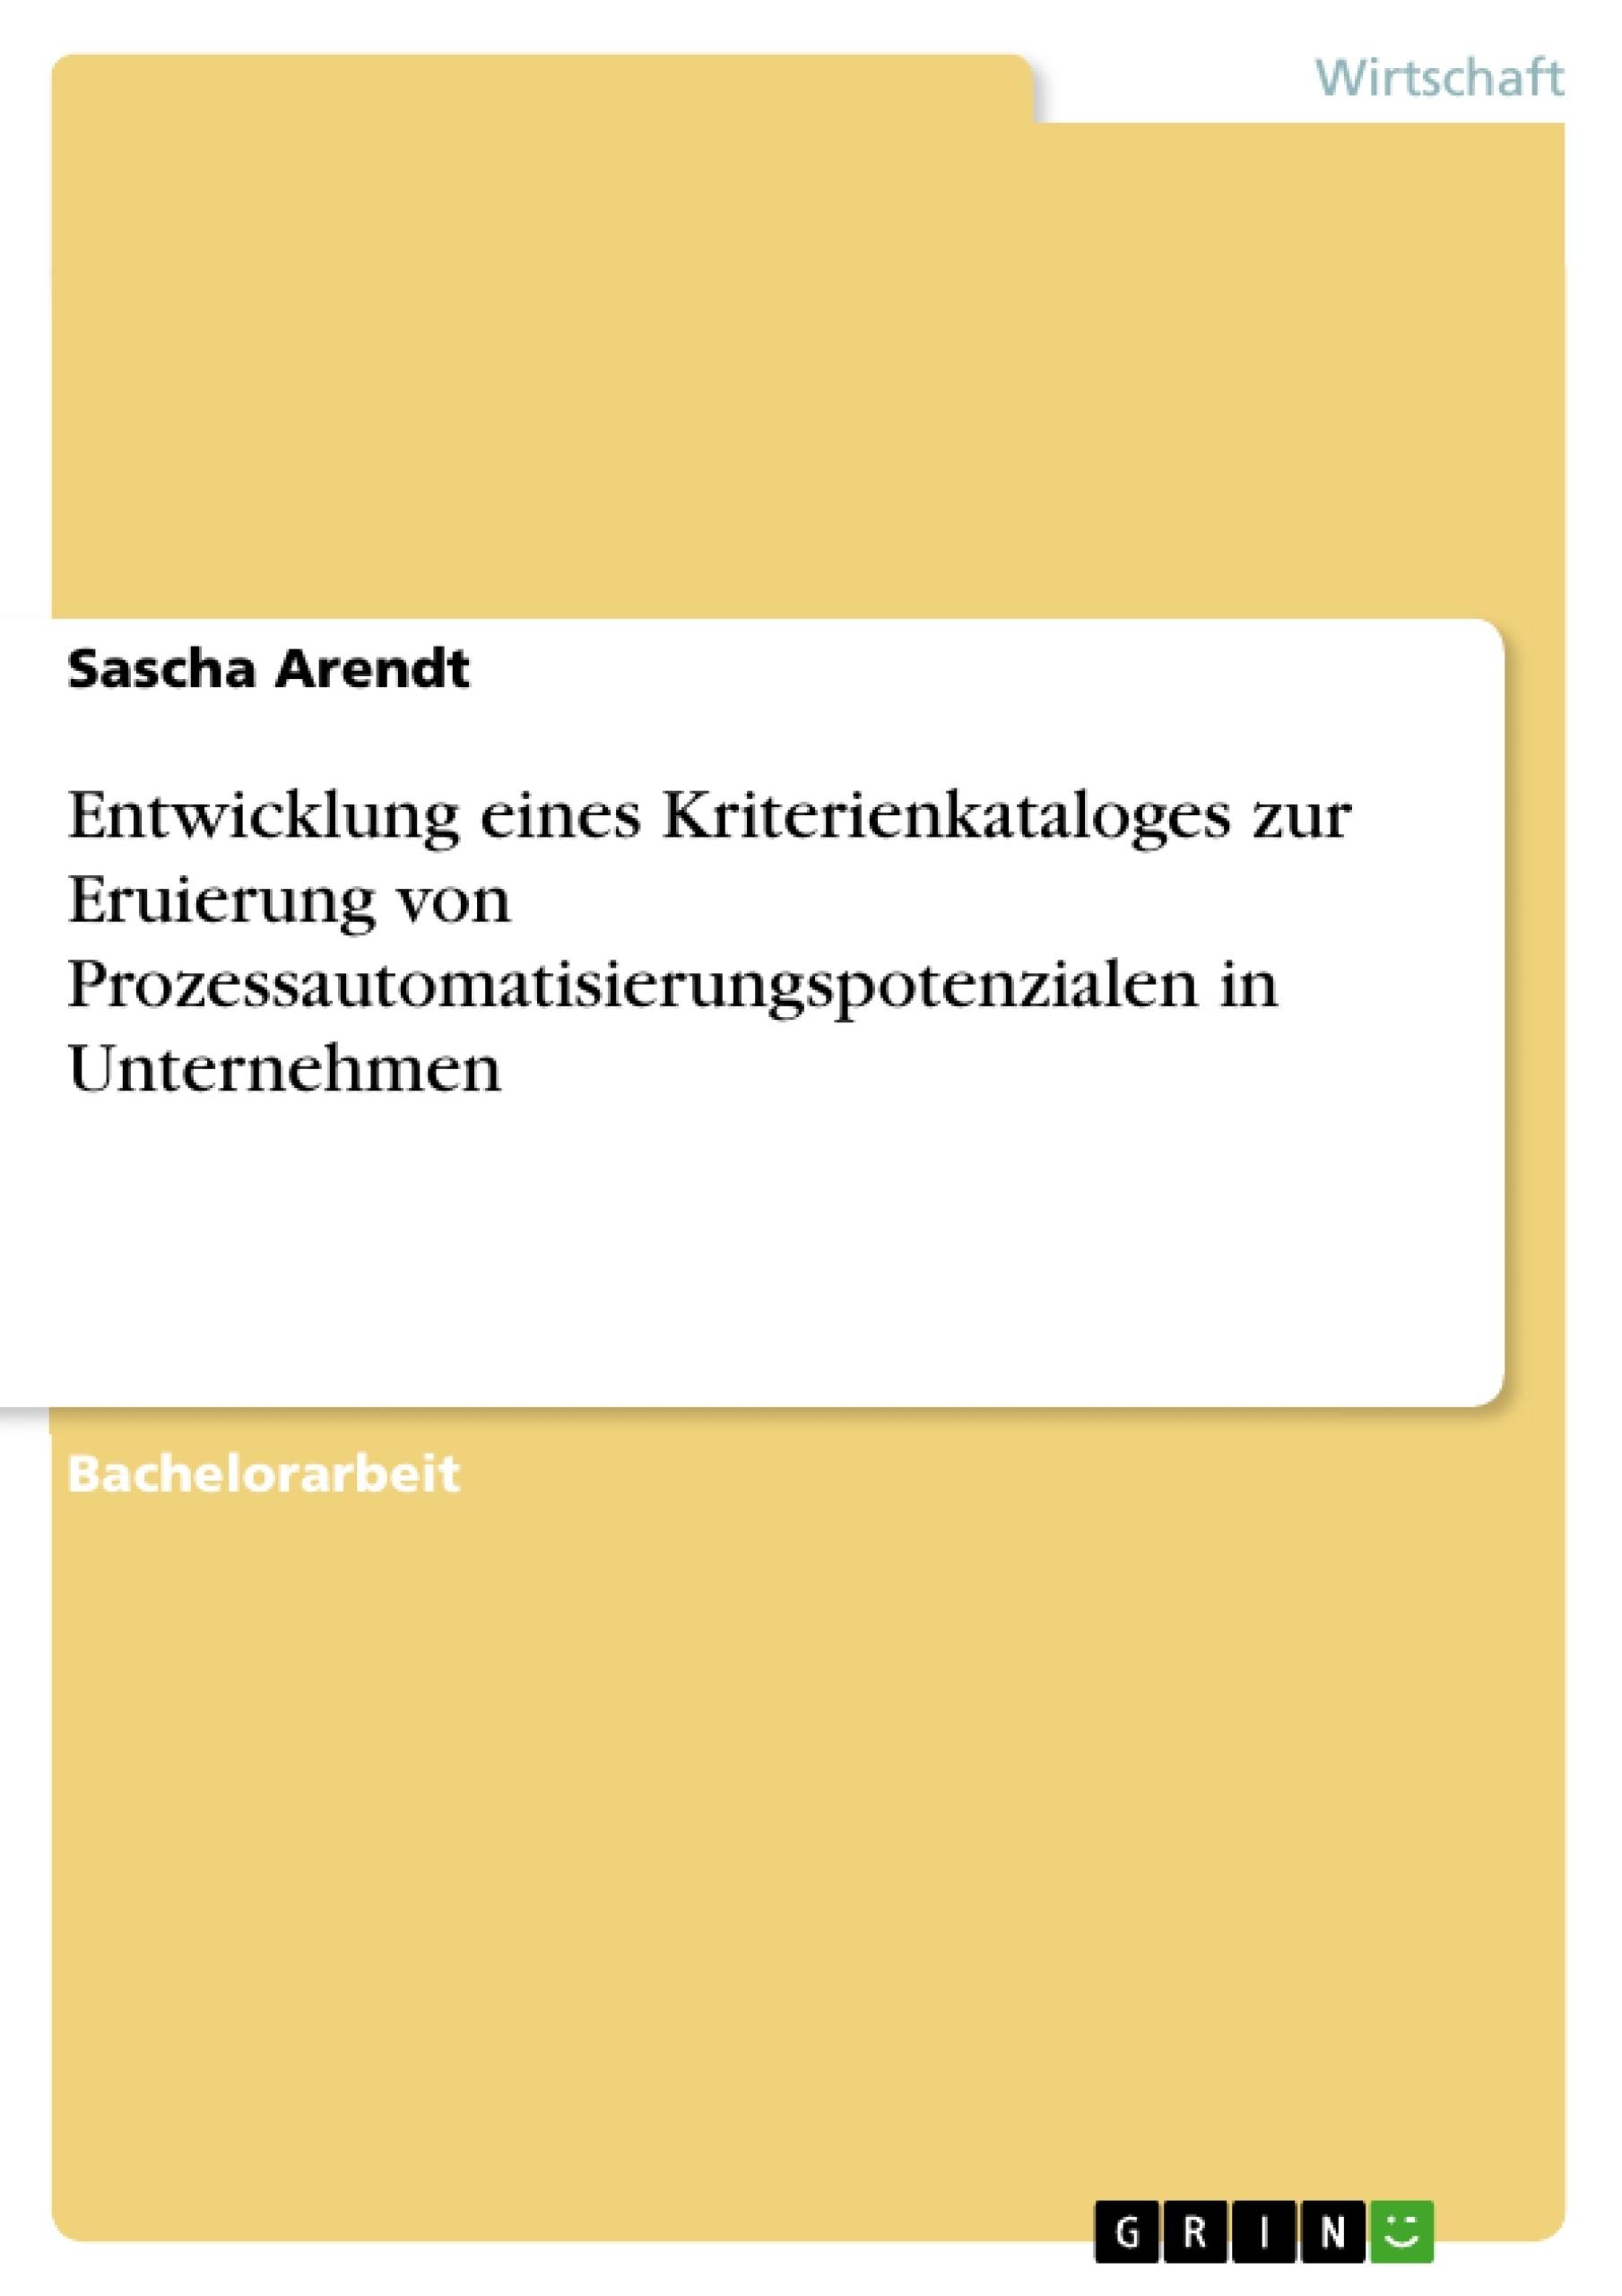 Titel: Entwicklung eines Kriterienkataloges zur Eruierung von Prozessautomatisierungspotenzialen in Unternehmen